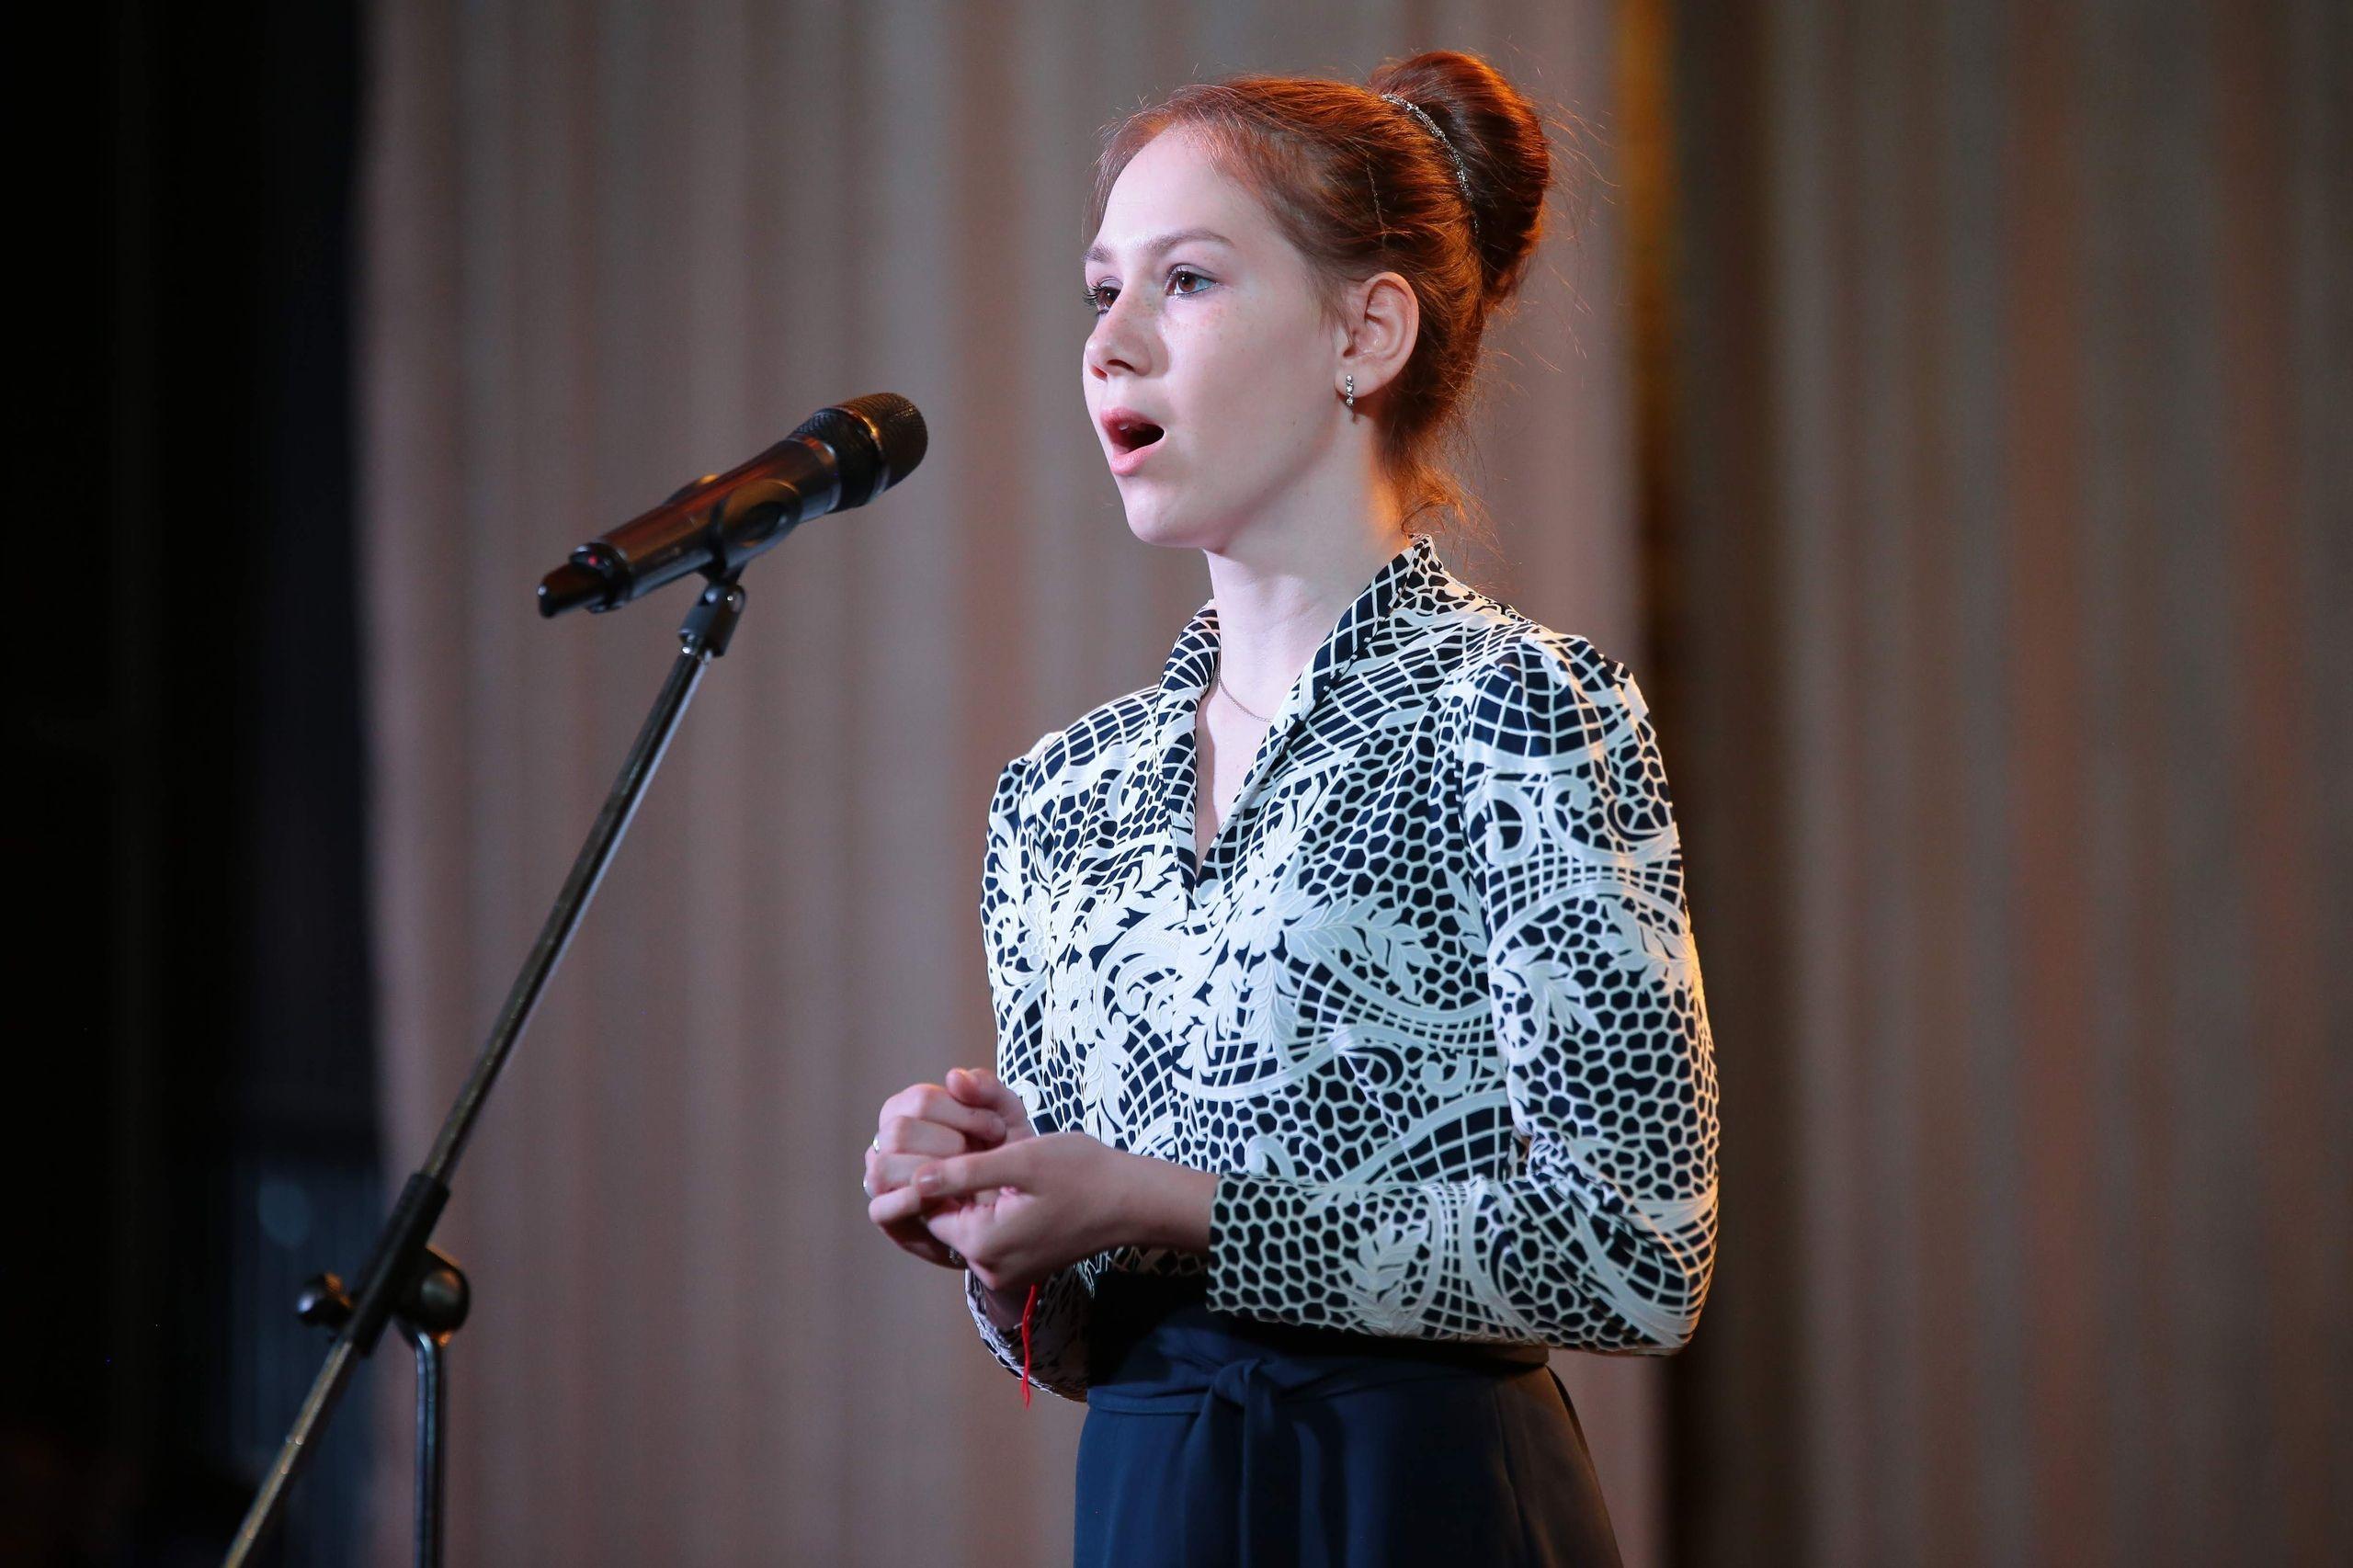 Девушка из поселения Кокошкино стала лауреатом международного патриотического конкурса